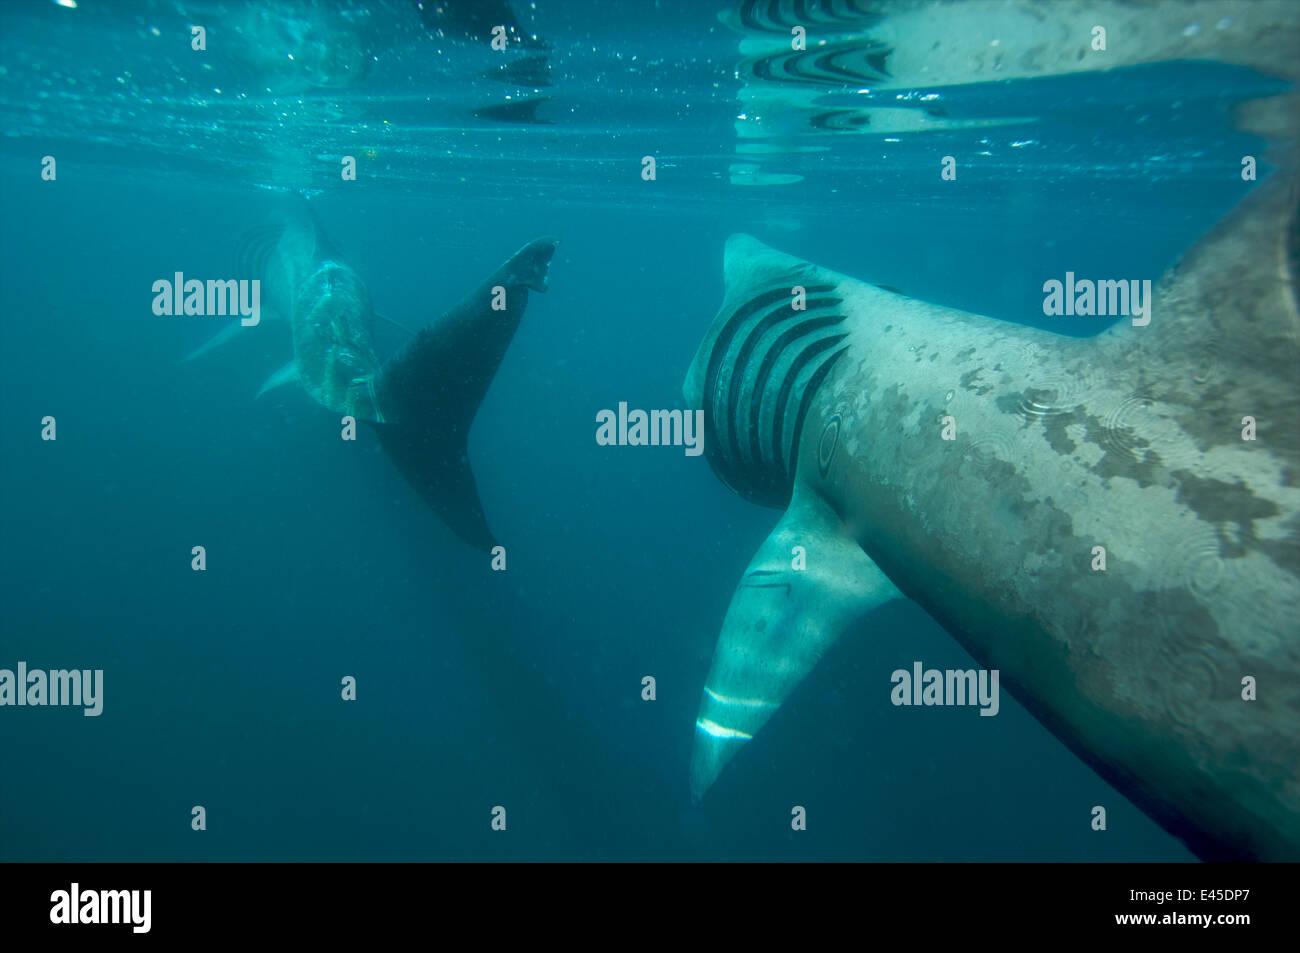 Basking shark feeding off the Cornish coastline. Cornwall, UK. - Stock Image